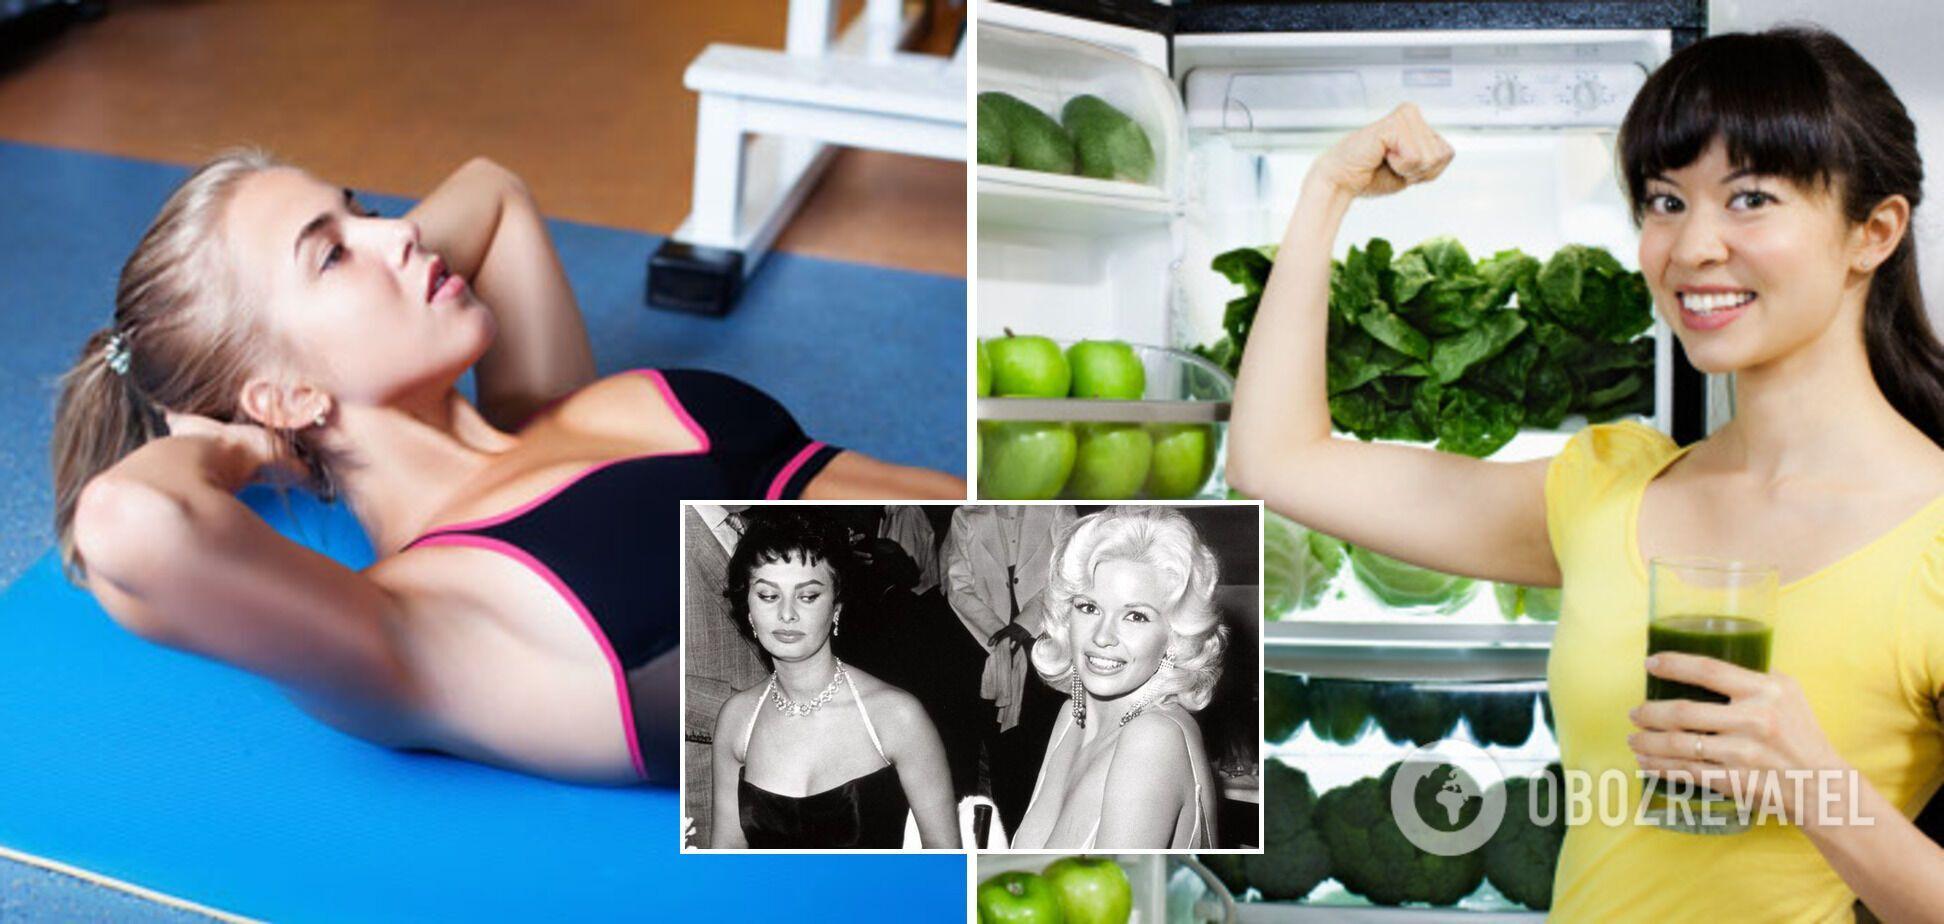 А может еще вырастет: капуста, органический крем и другие фантастические методы увеличения груди